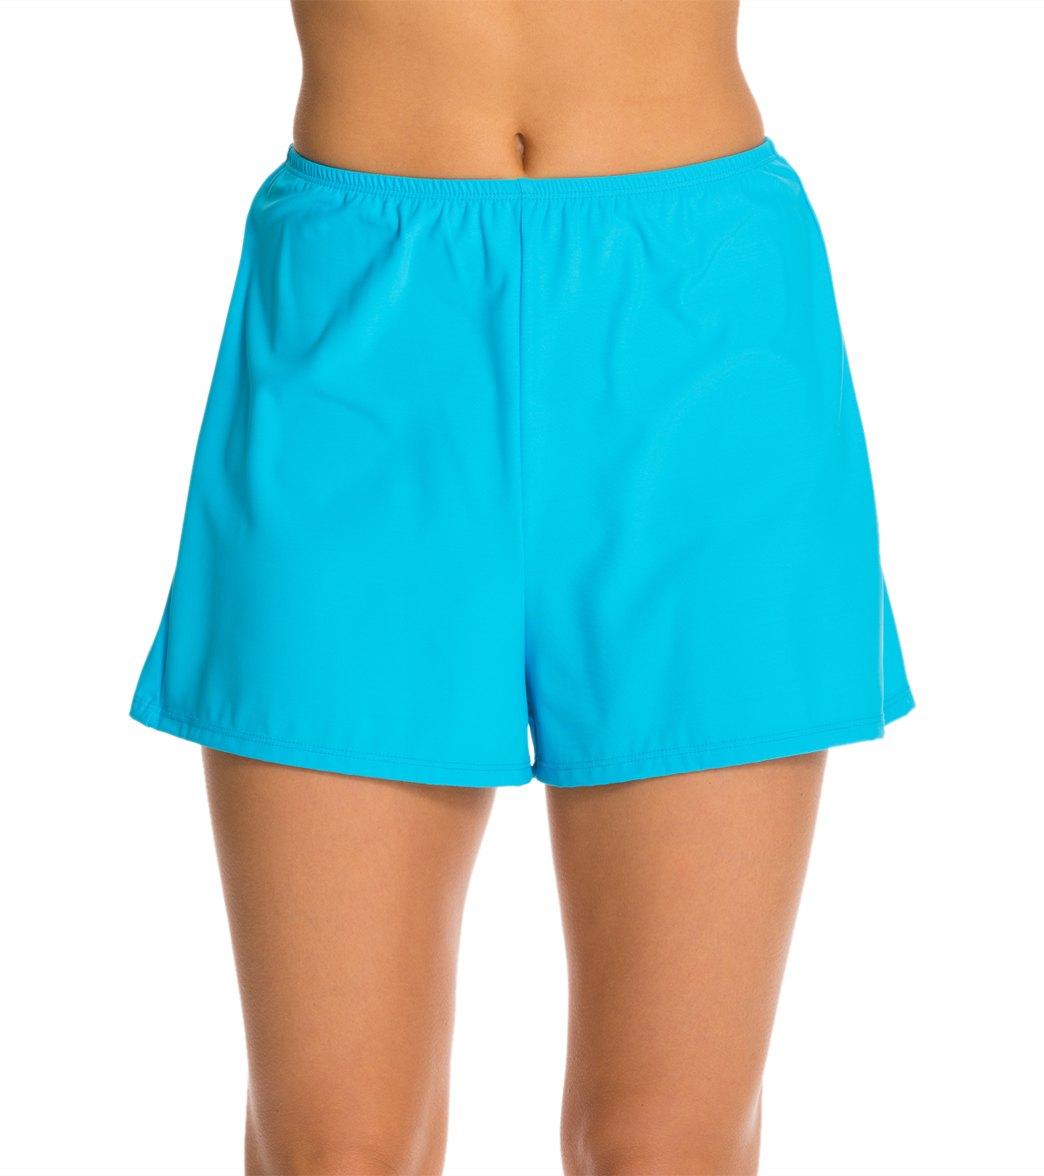 Topanga Solid Swim Short